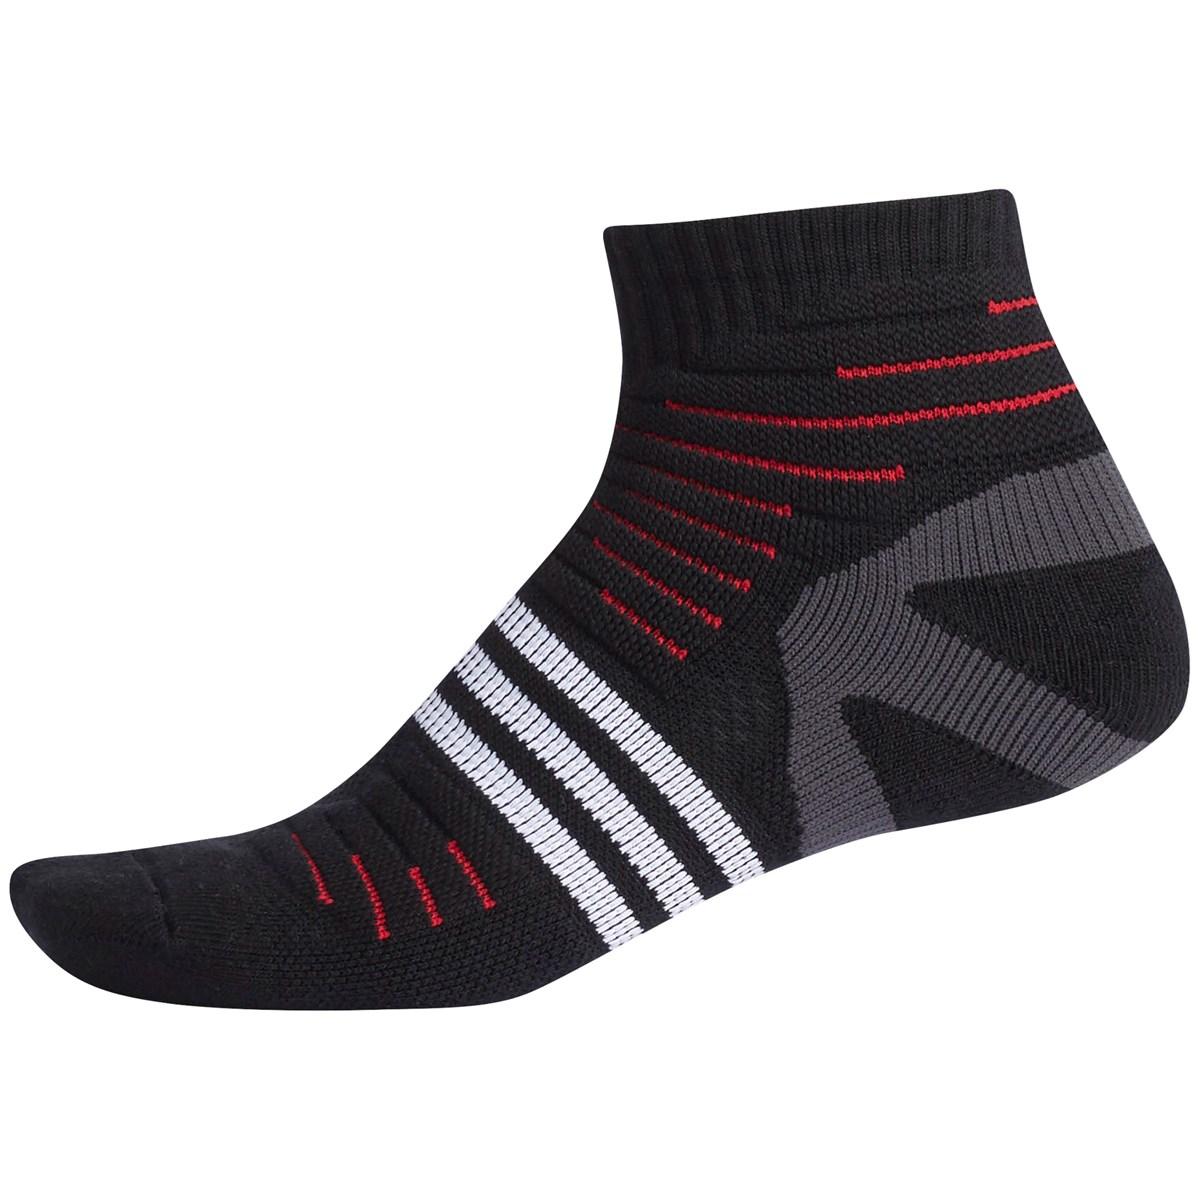 アディダス(adidas) マルチフィットショートソックス